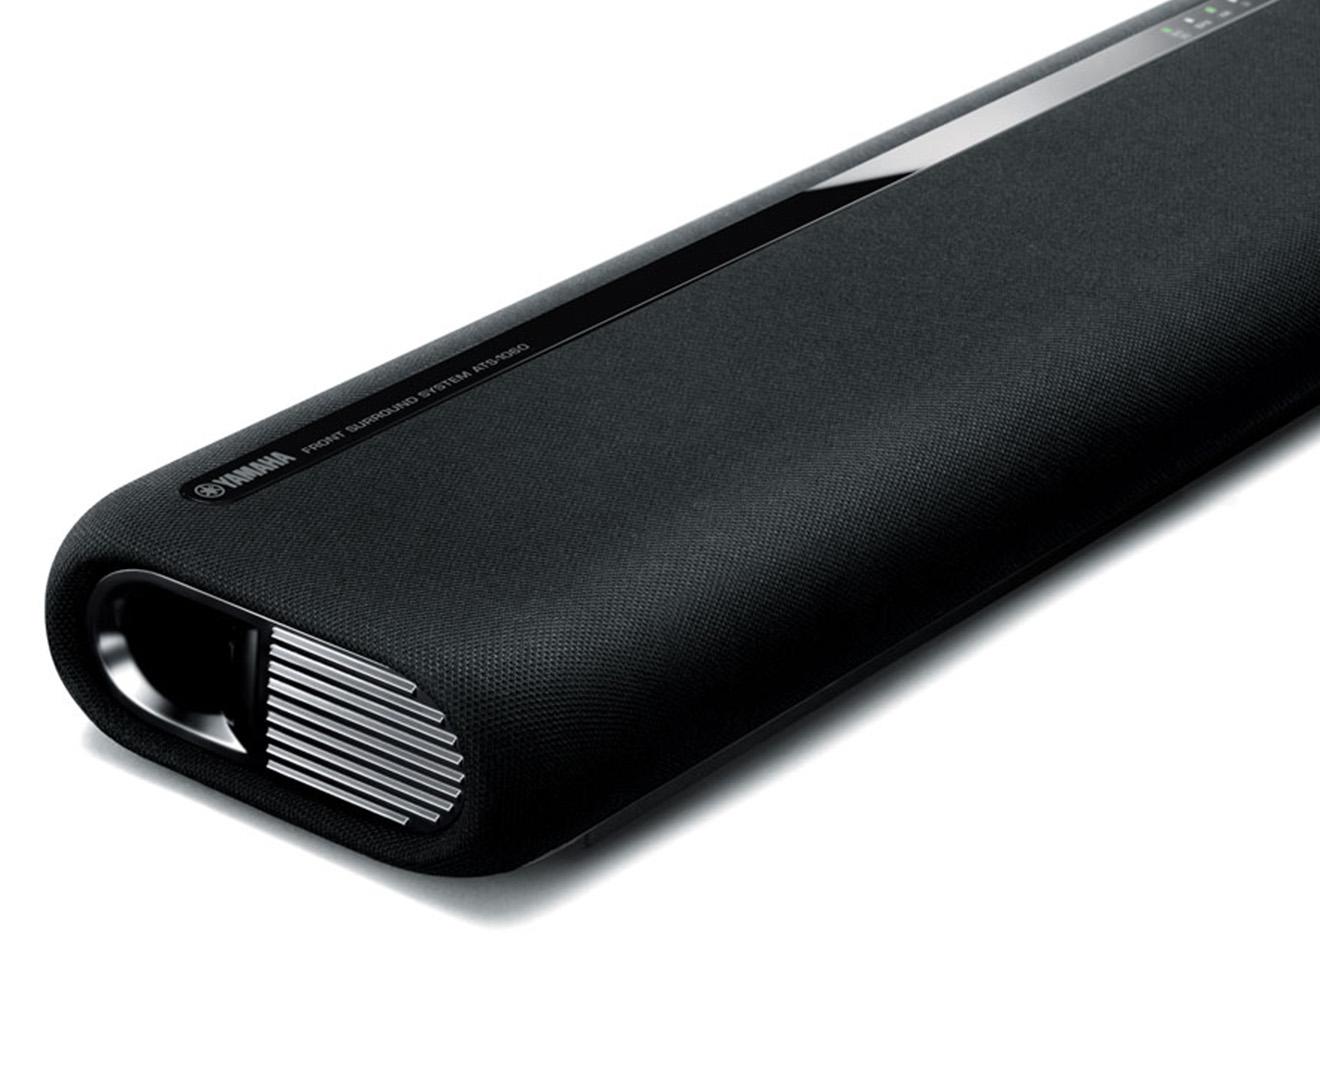 Yamaha ats 1060 hdmi bluetooth soundbar great daily for Yamaha ats 1030 soundbar review